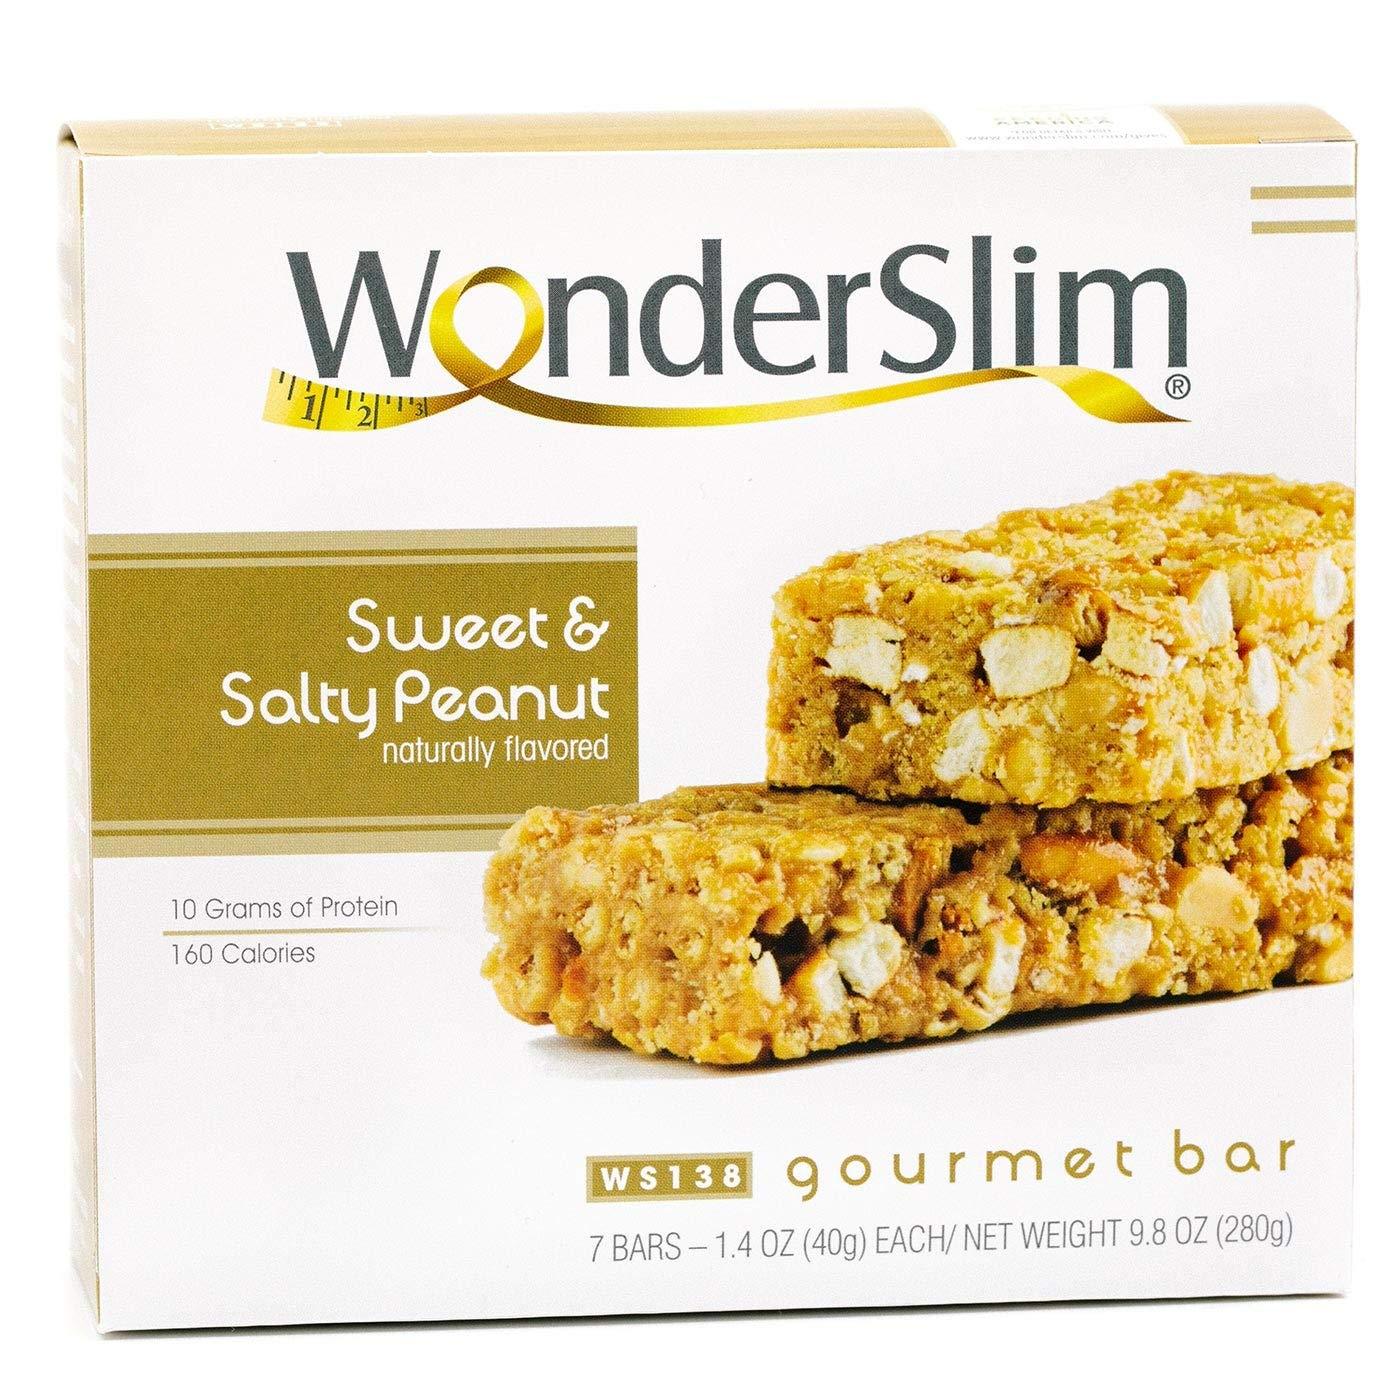 WonderSlim Gourmet 10g Protein Diet Bar (Sweet & Salty Peanut Bar, 1 Box - 7 Servings)